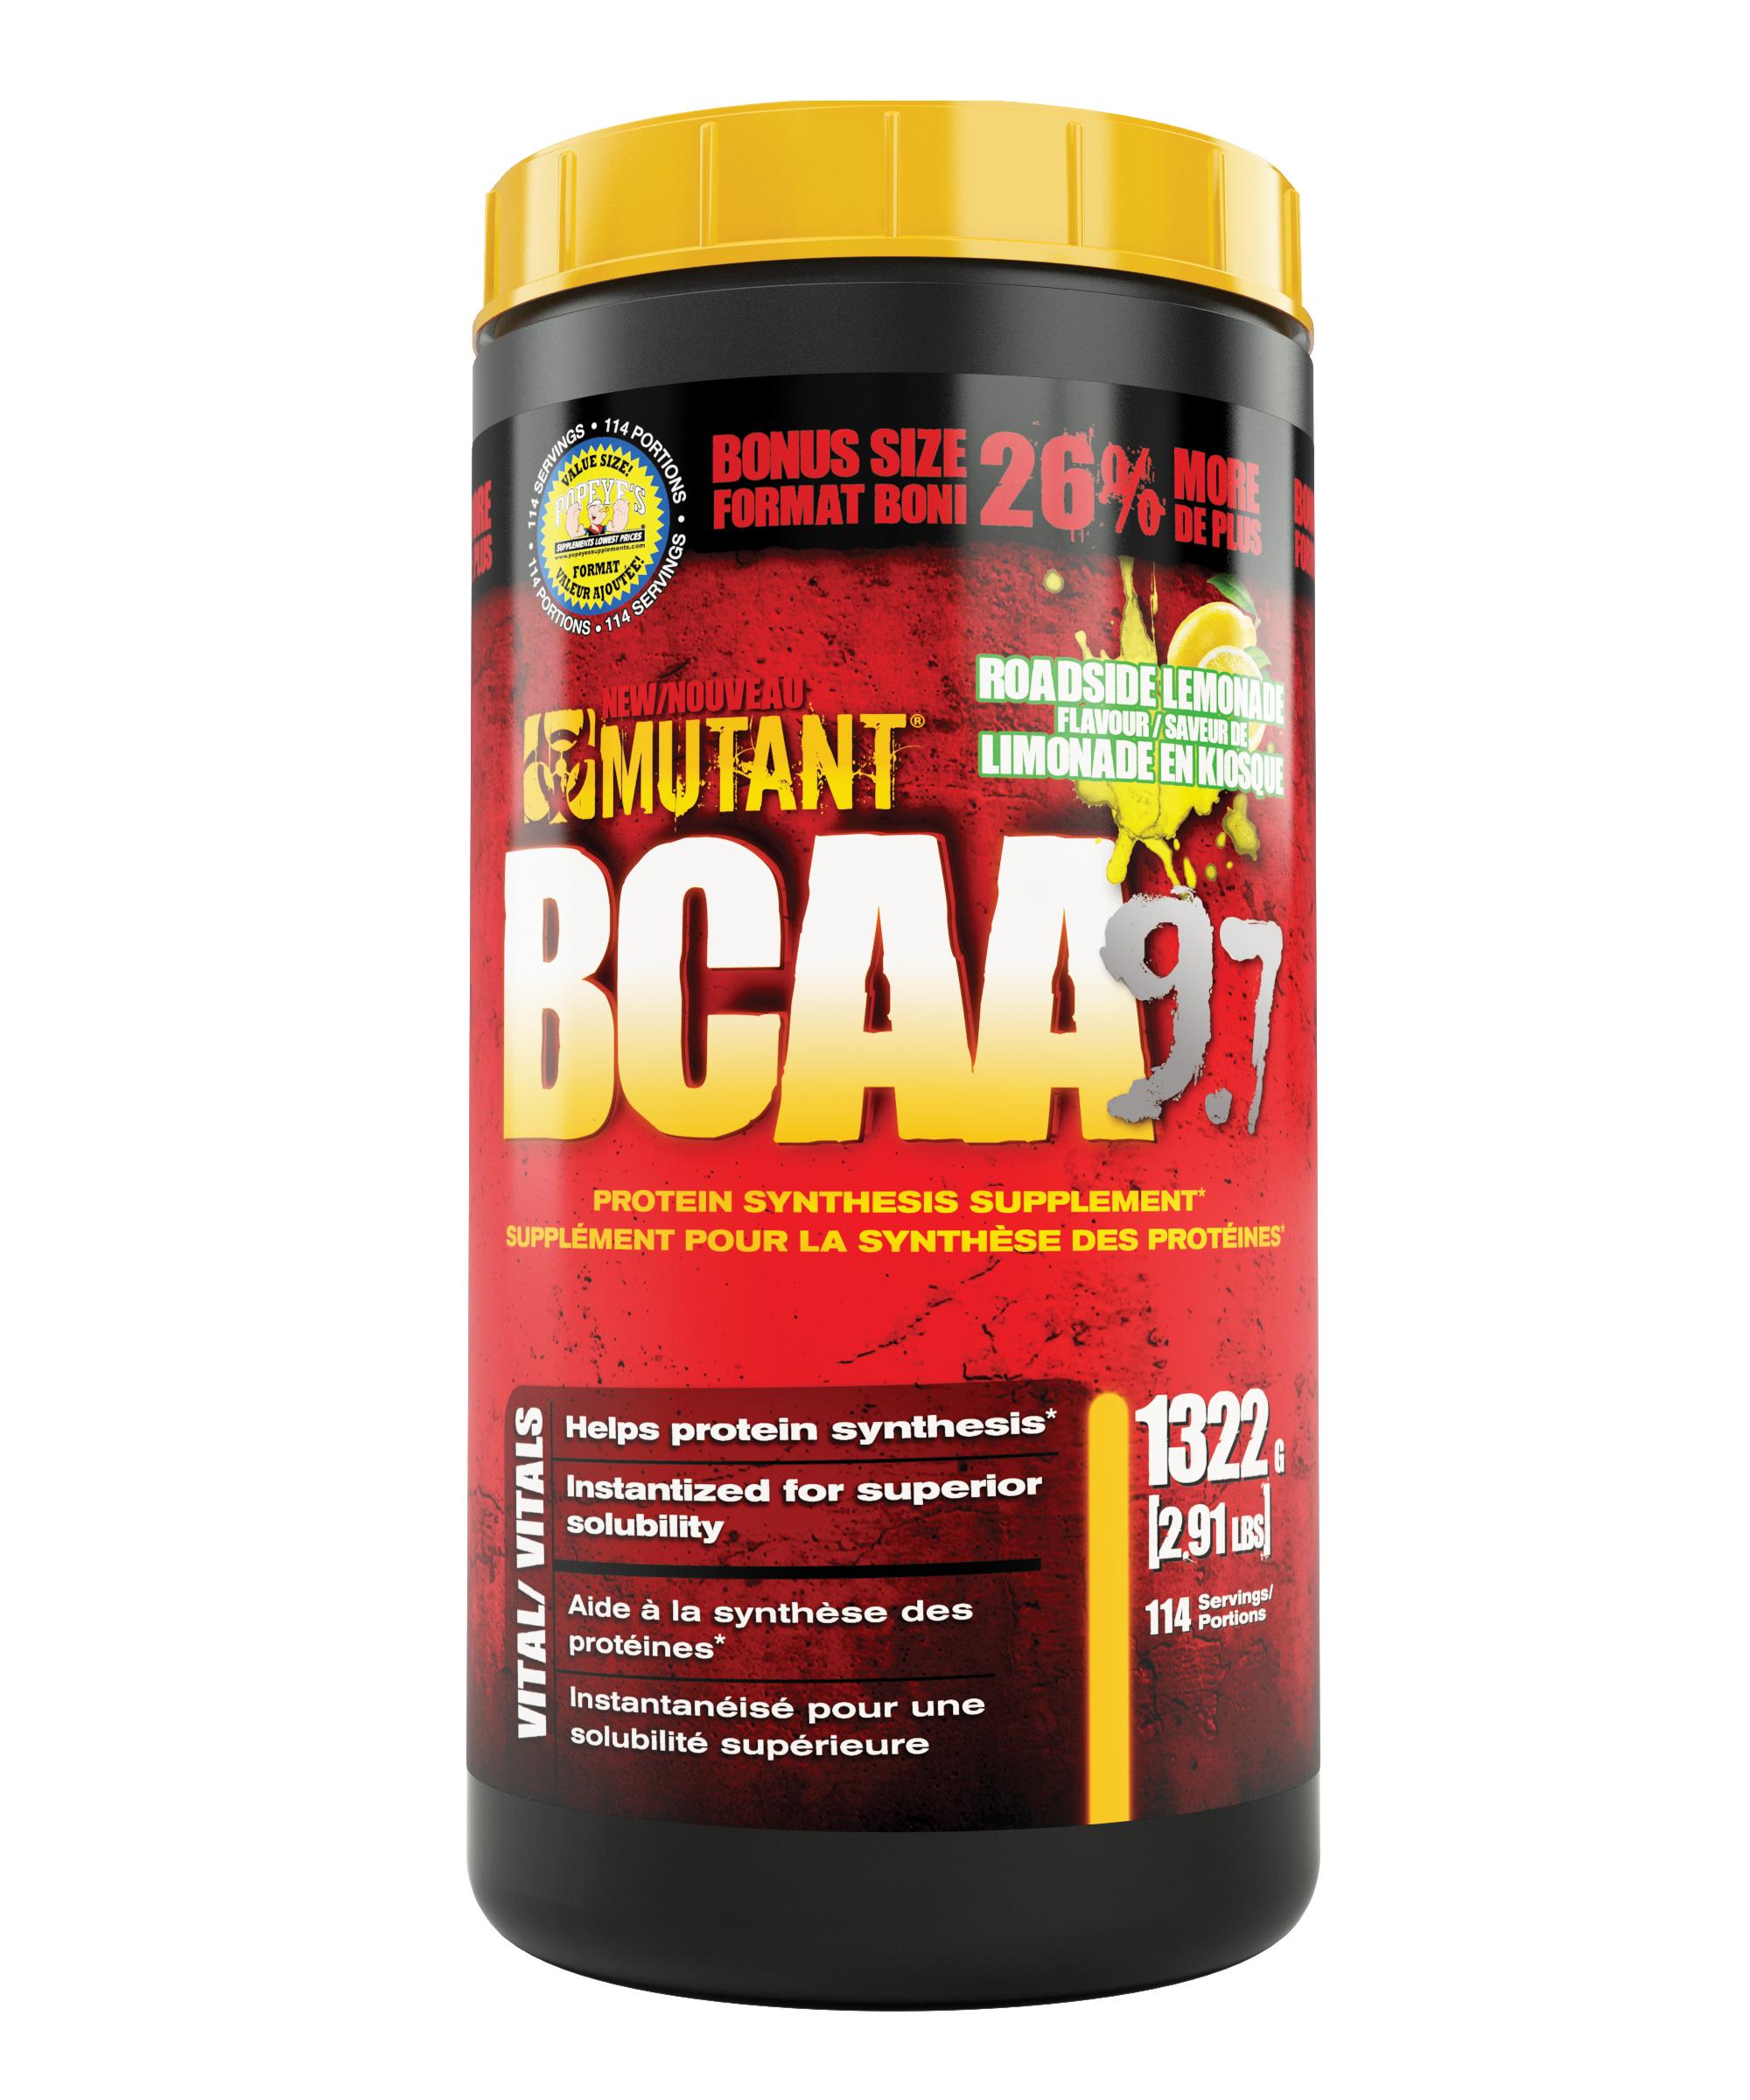 mutant-bcaa-97-roadside-lemonade